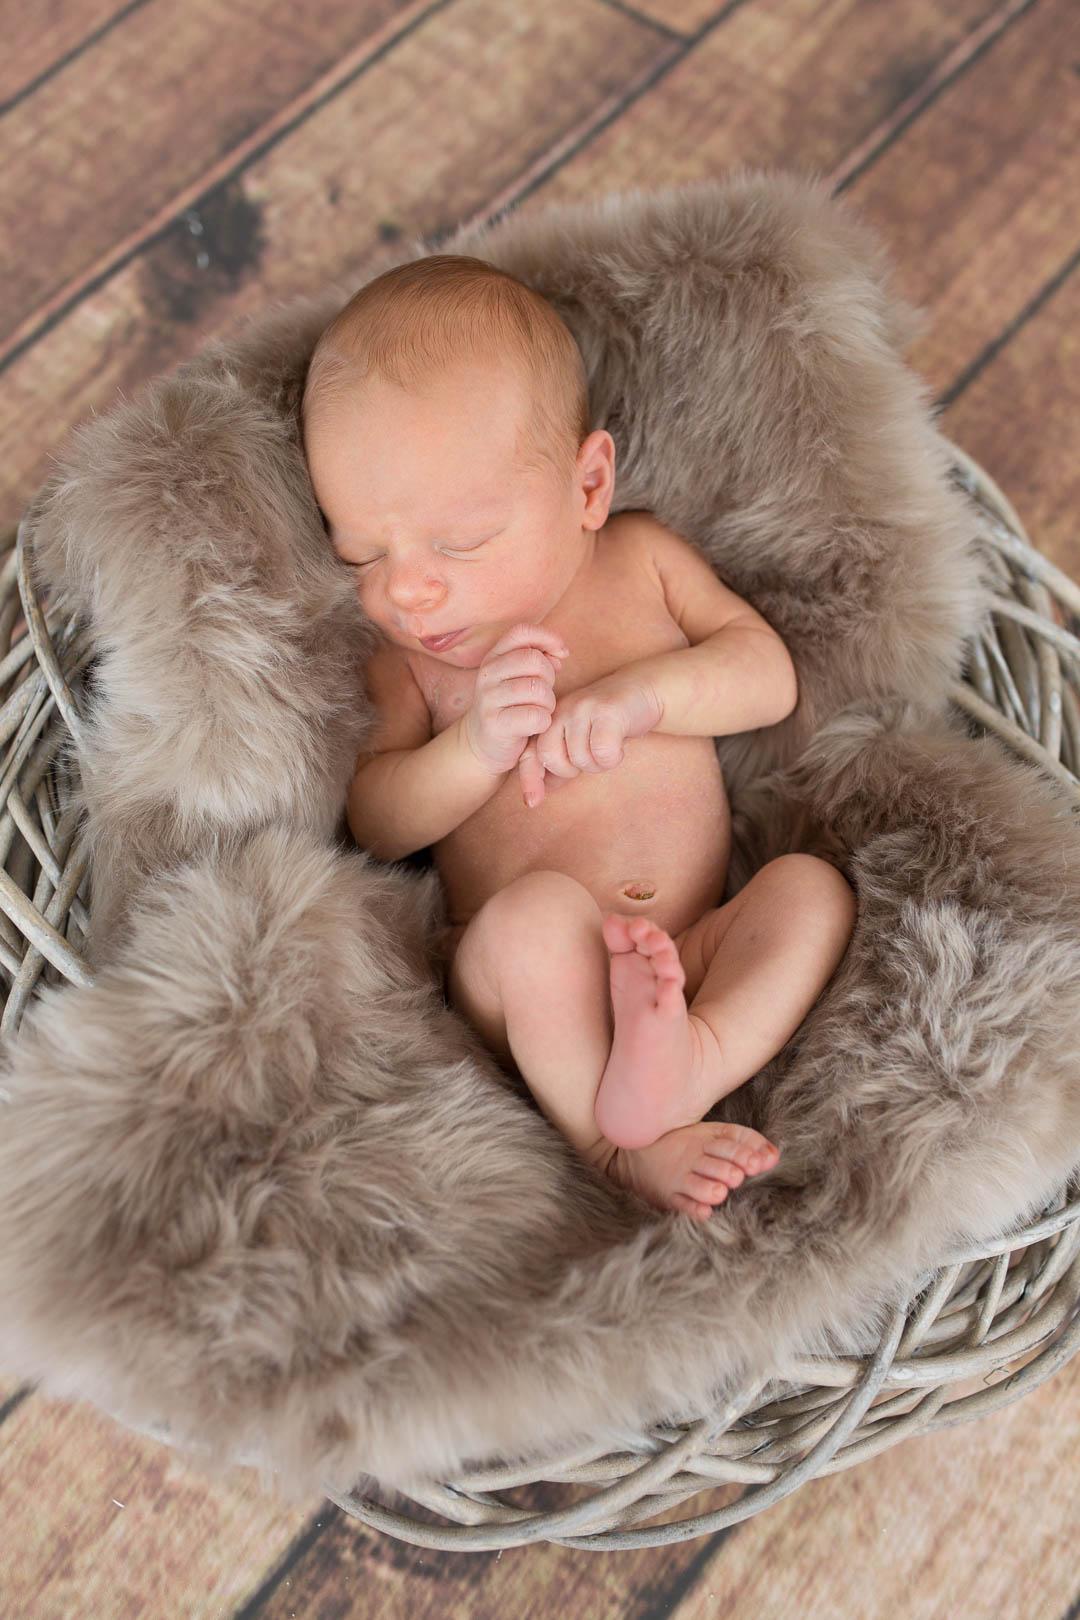 Babyfotograf Franken Nürnberg Bayreuth Pegnitz 008 - babyfotografie, blog - Neugeborenenfotografie, Neugeborene, Babyfotografie, Babyfotograf Nürnberg, Baby